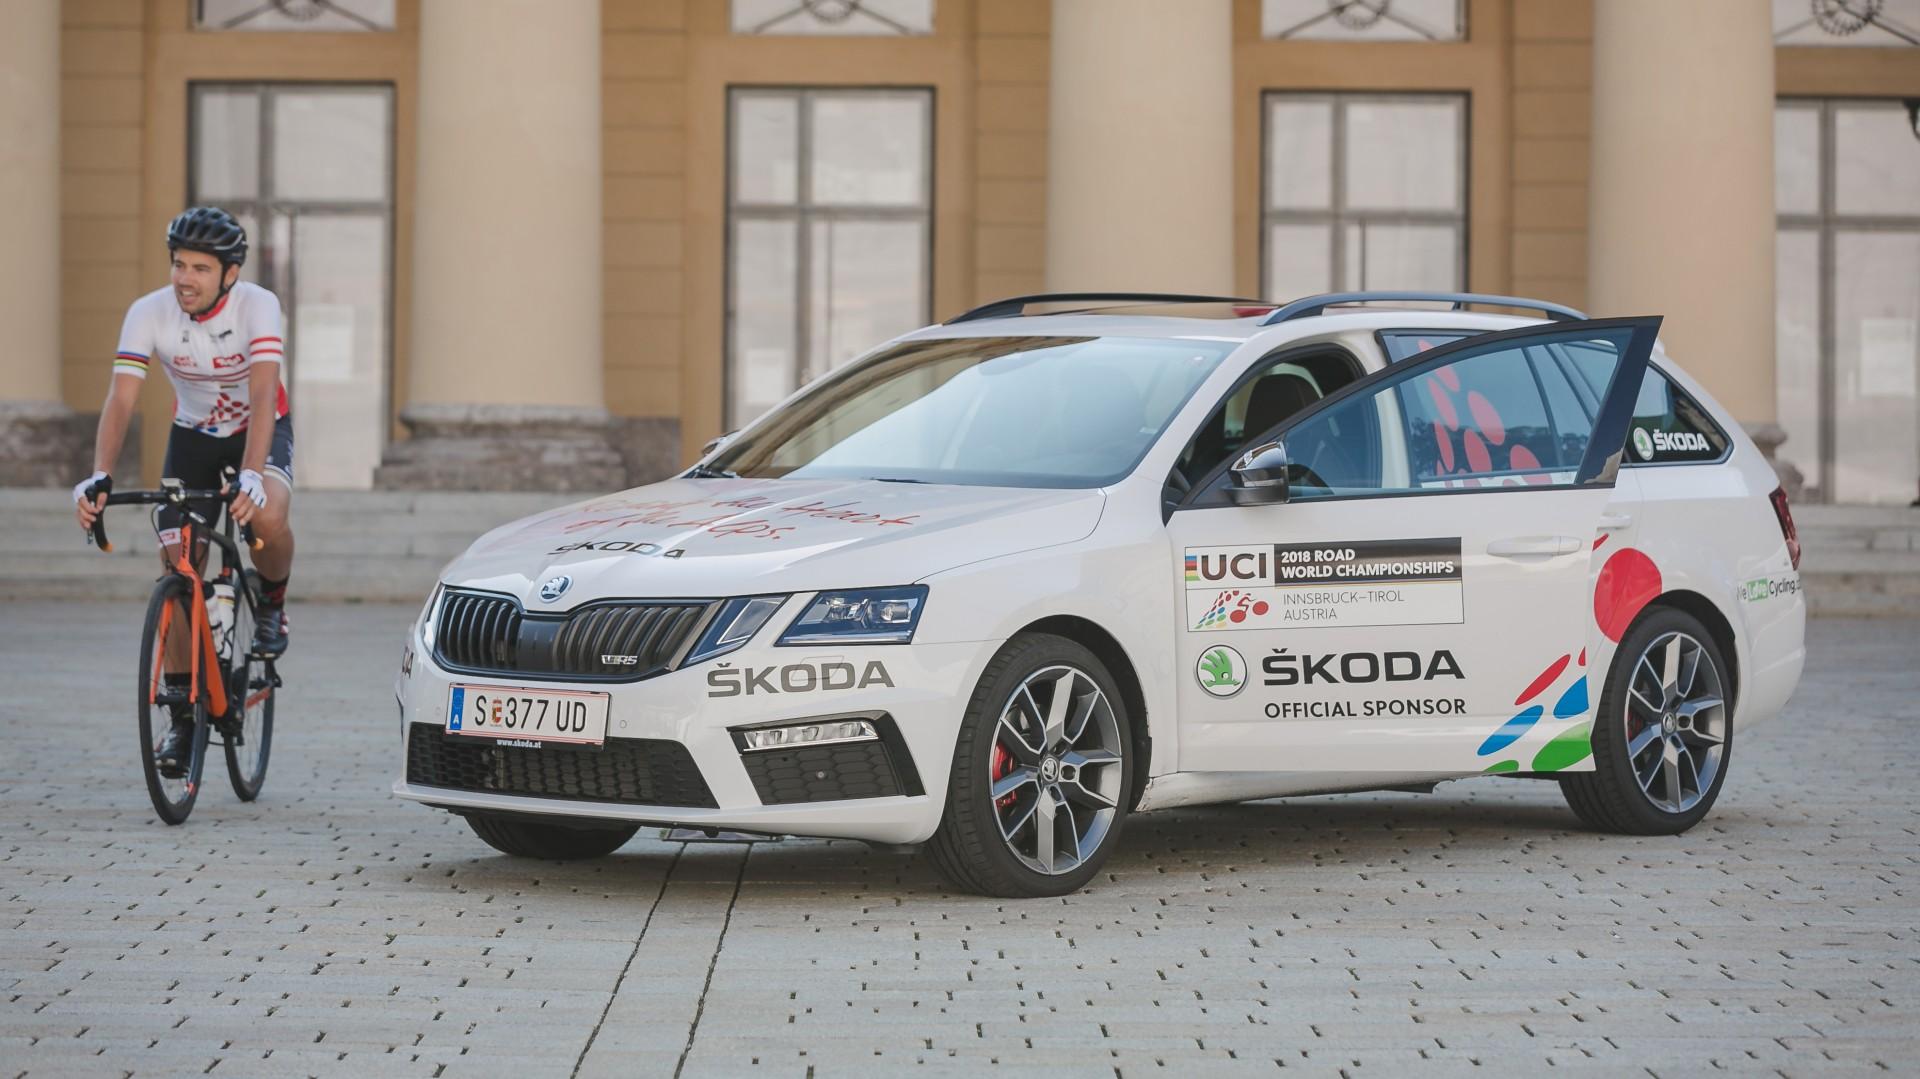 ŠKODA officieel sponsor van UCI WK wielrennen op de weg